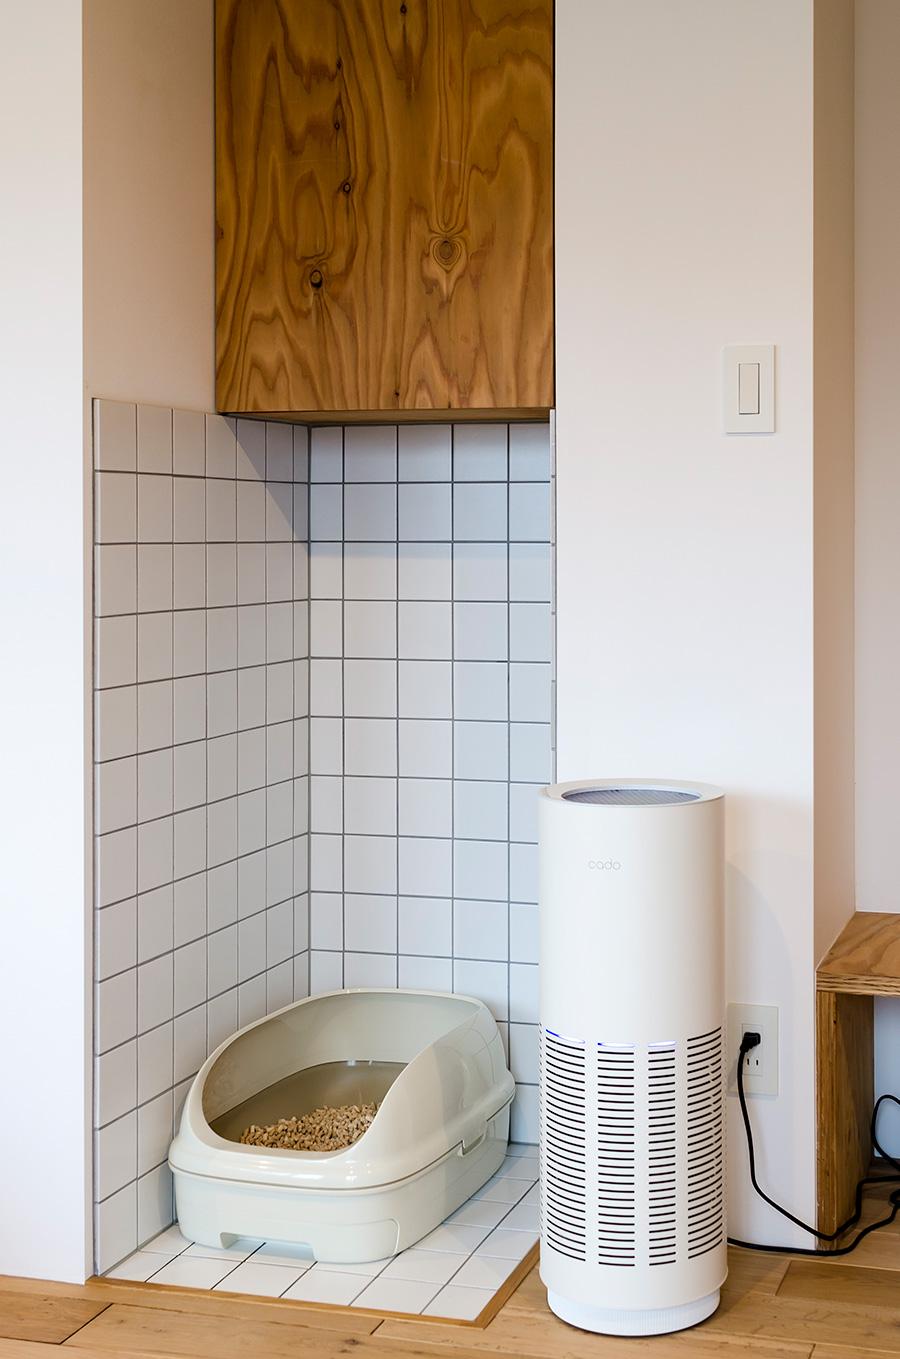 猫のトイレの横には空気清浄機「cado」